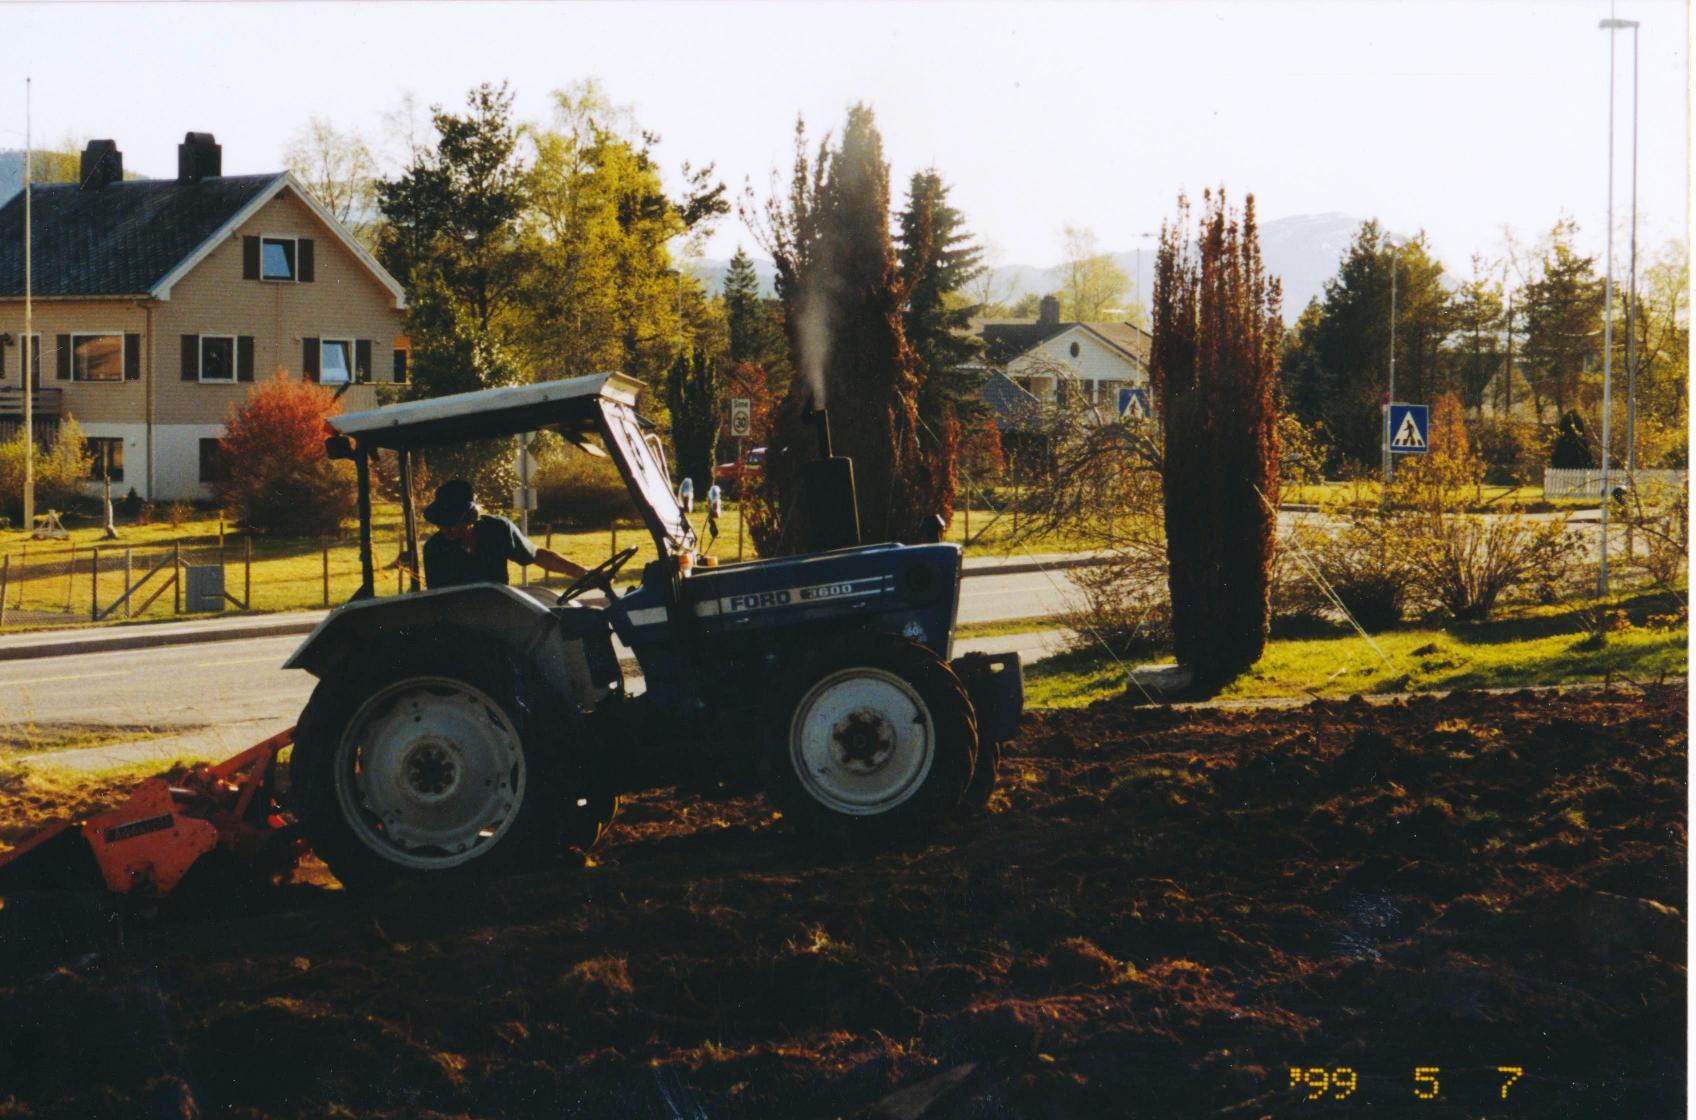 Dugnad027